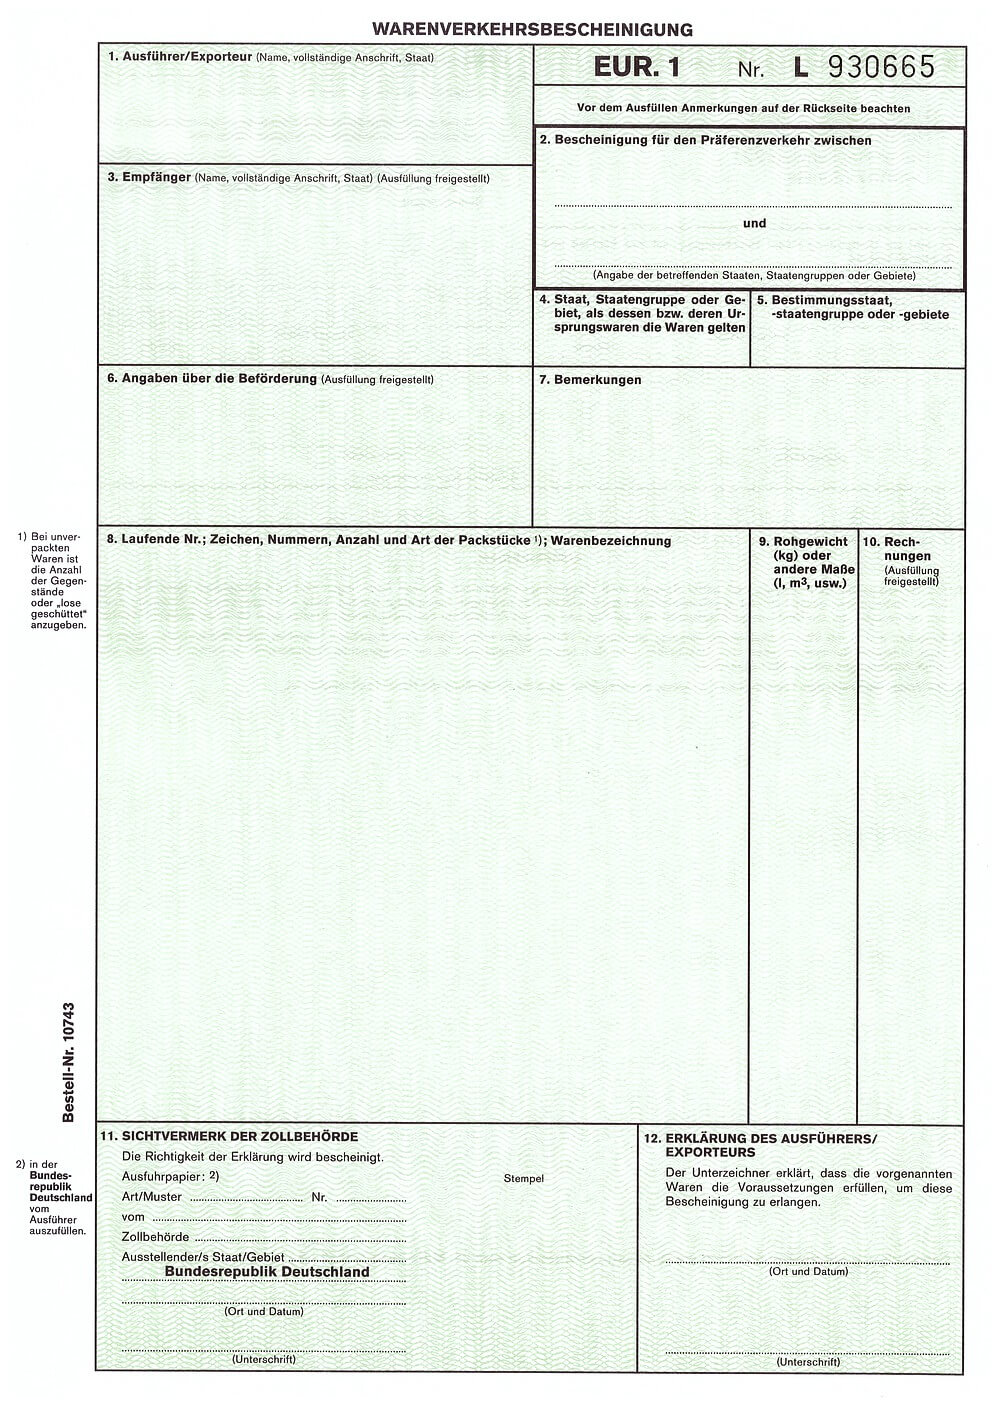 Warenverkehrsbescheinigung-EUR-1-Vorn-Forum-Verlag-Herkert-GmbH